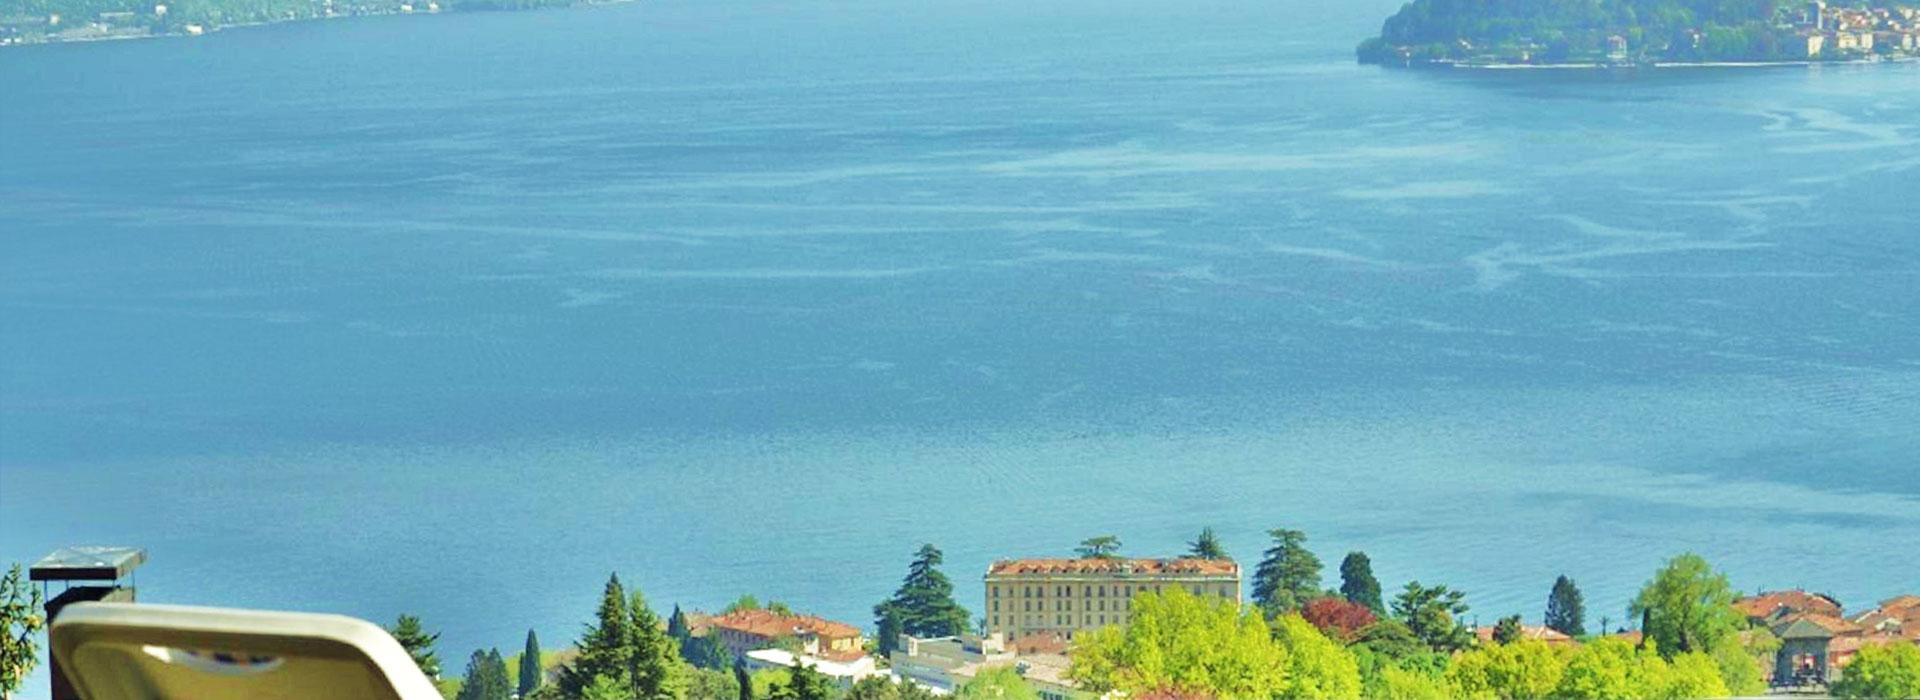 Casa Vacanze lago di como Villa Belvedere residence Le terrazze